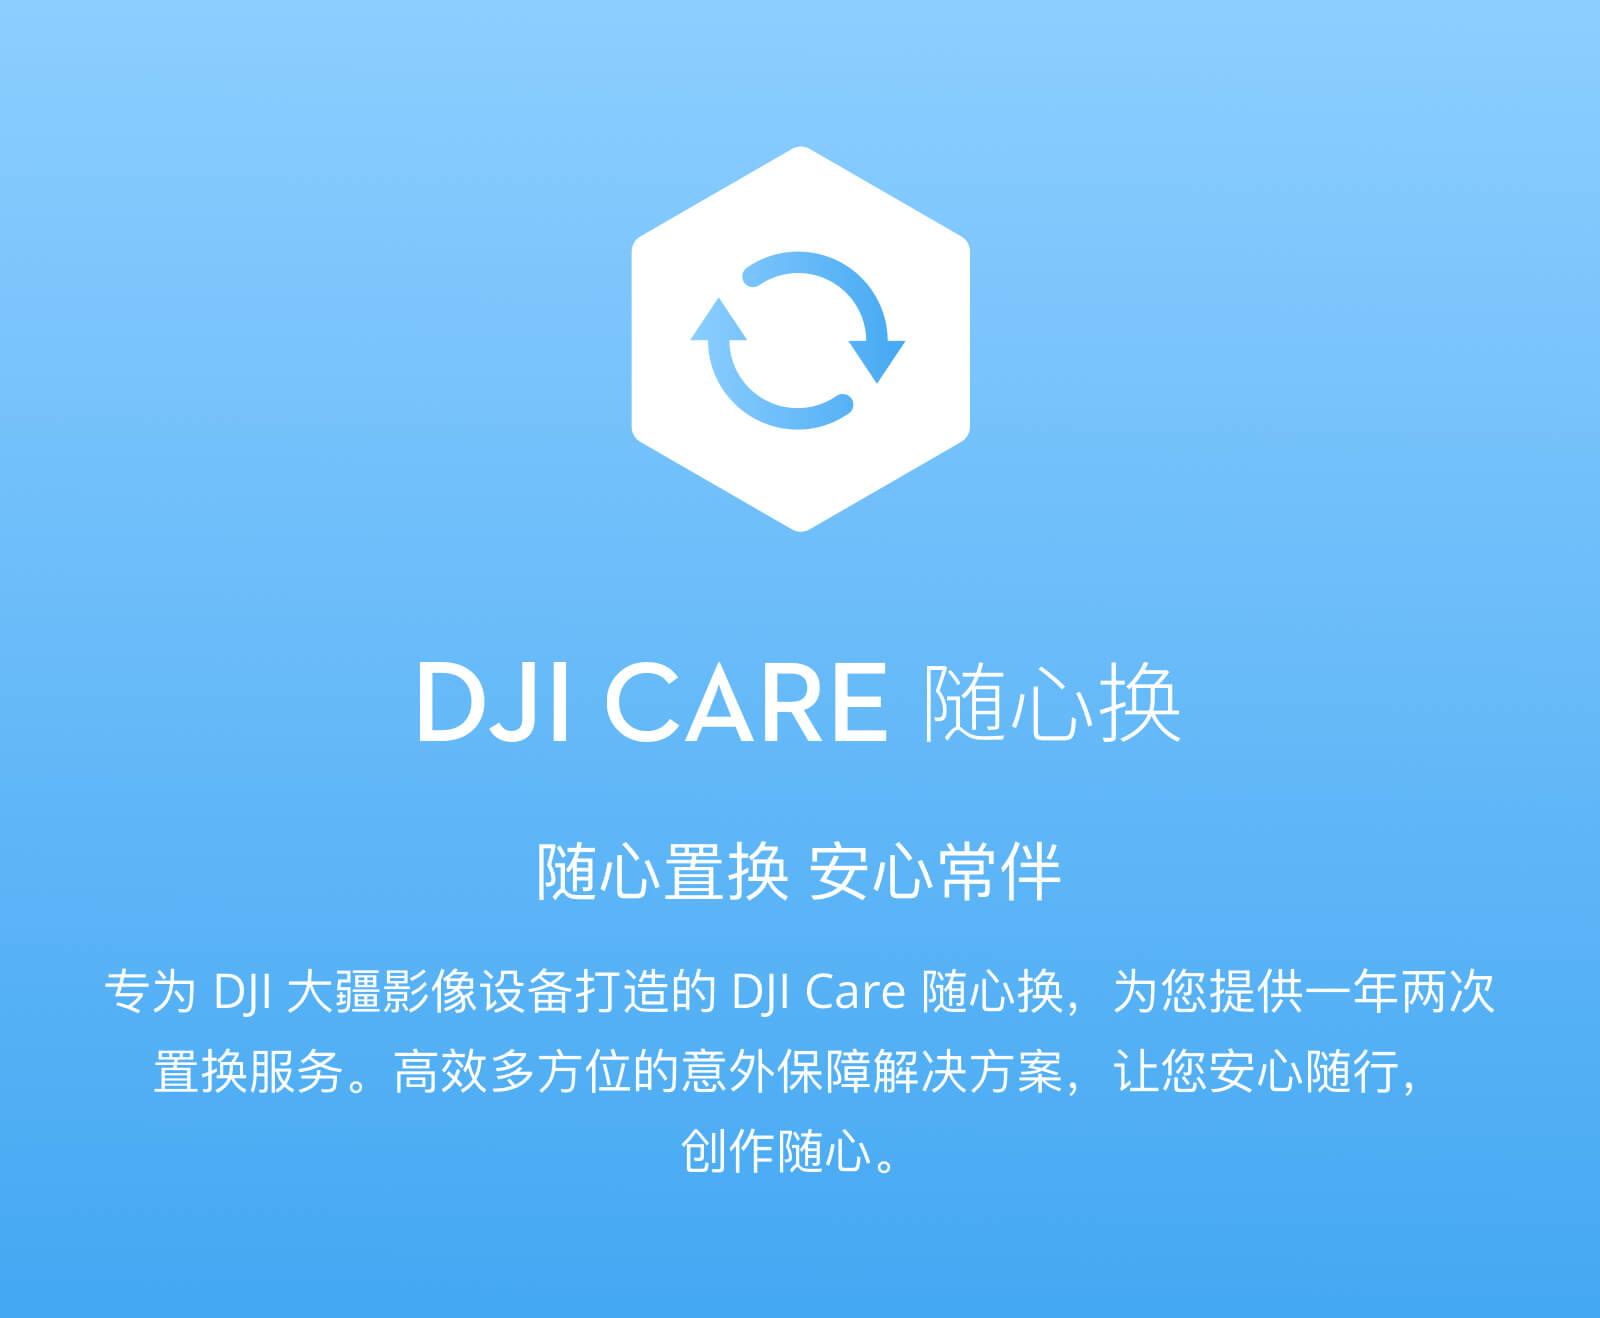 DJI CARE.jpg